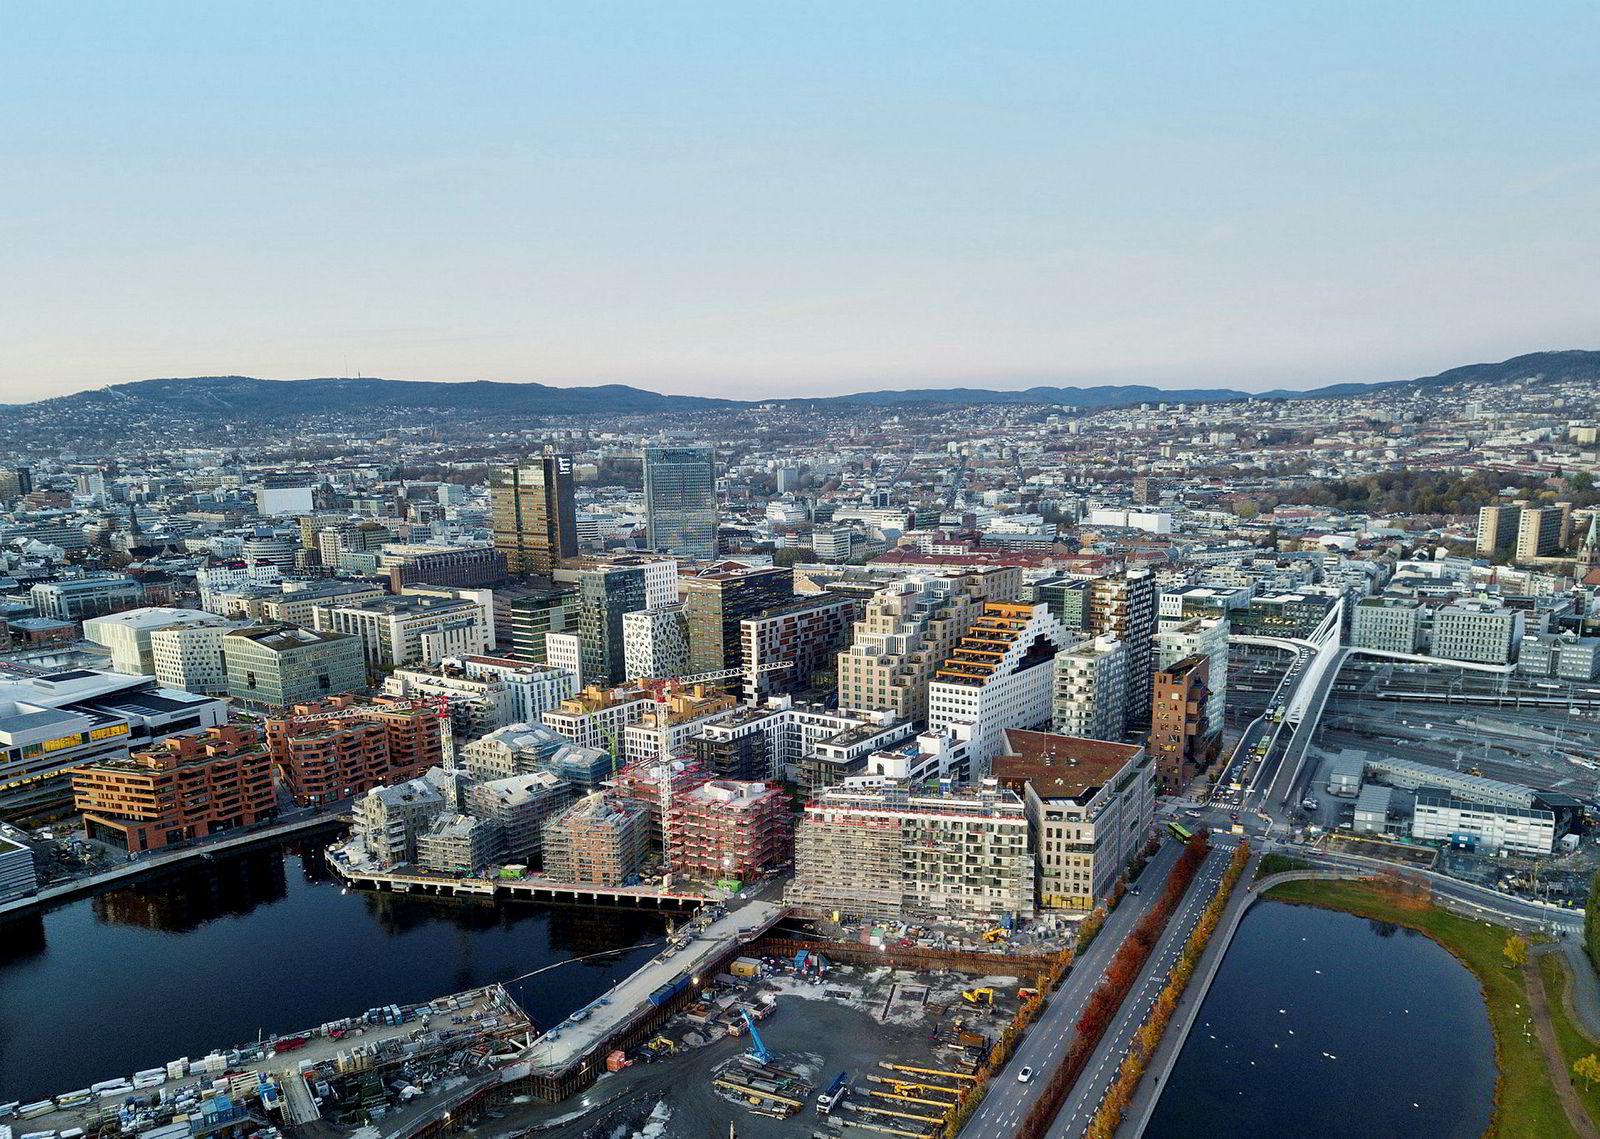 Og slik så Bjørvika ut i november 2019. De fleste prosjektene i vannkanten i Bjørvika er ferdigstilte eller under bygging.